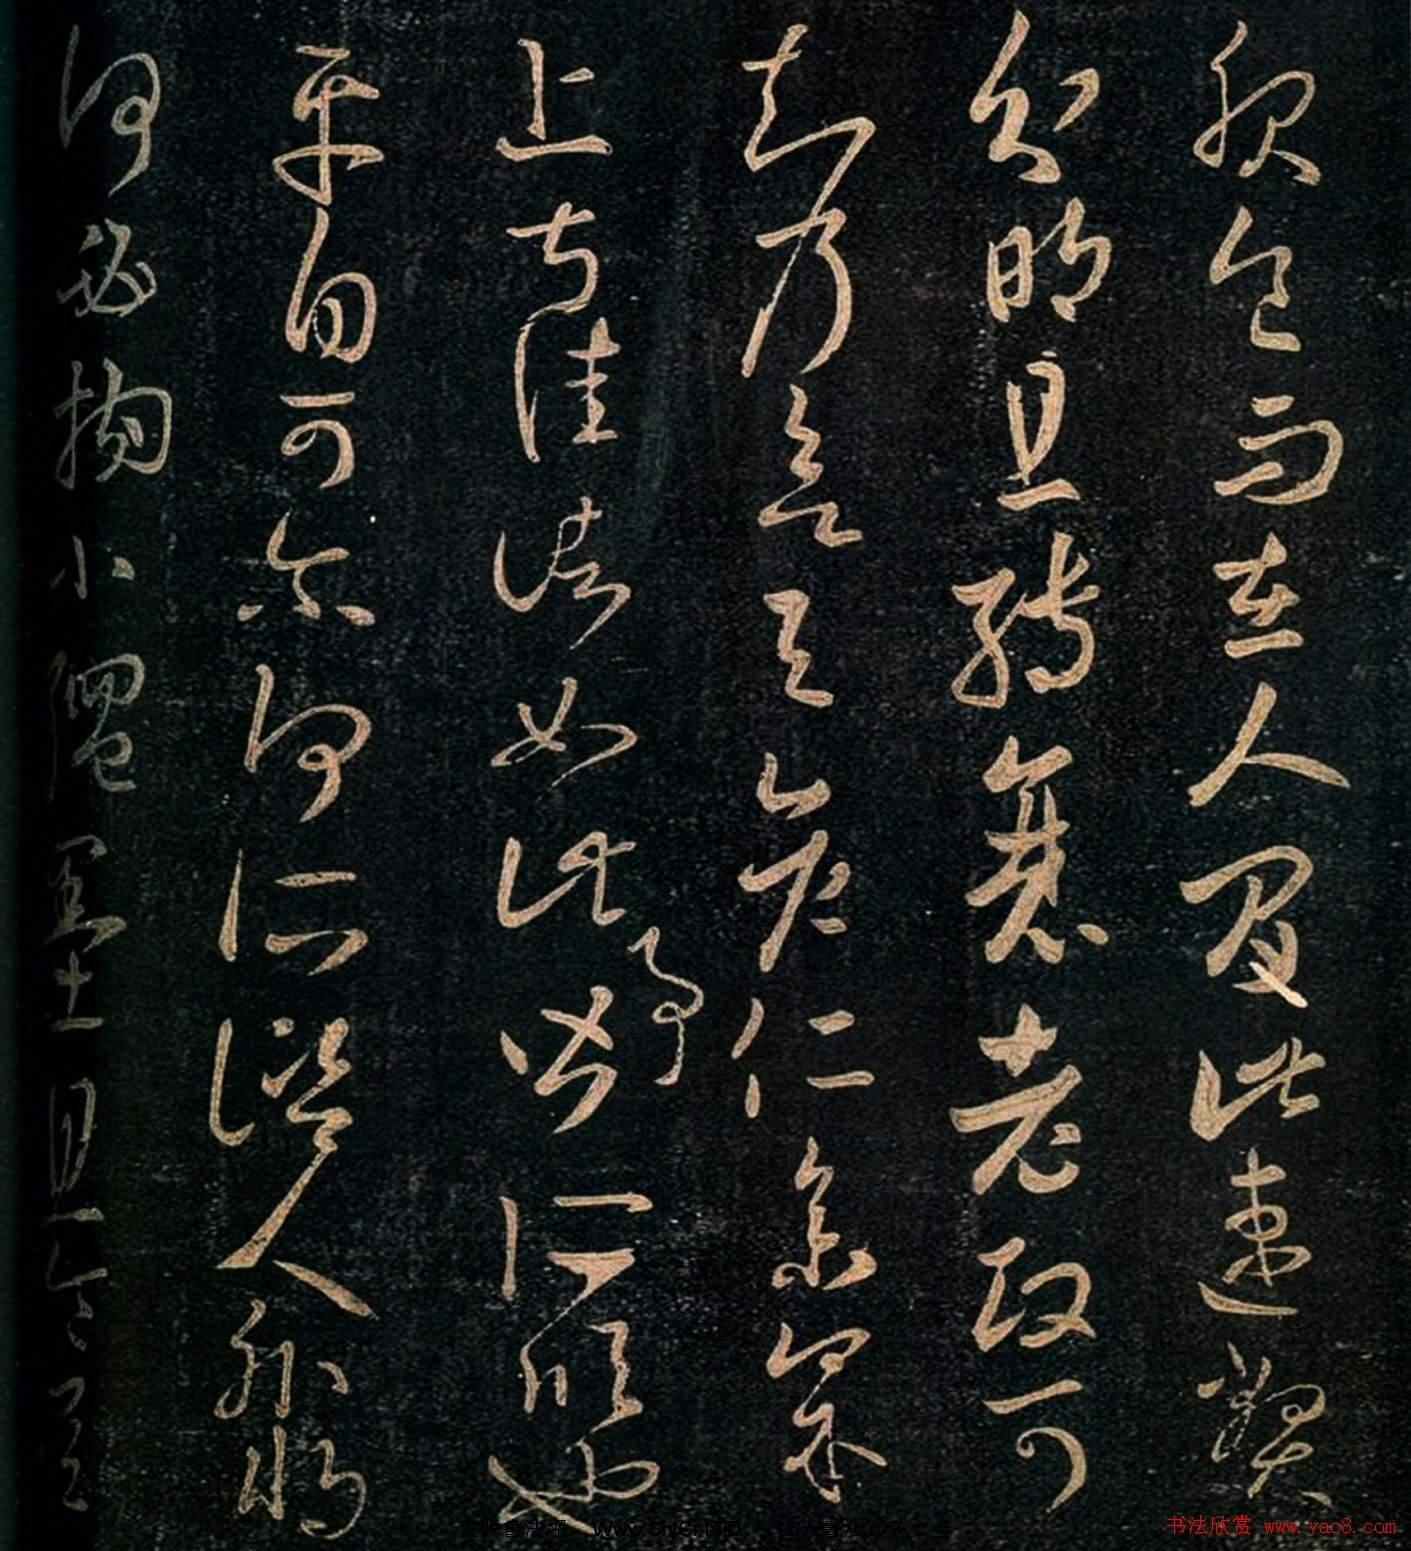 王羲之草書欣賞《服食而在帖》拓本大圖